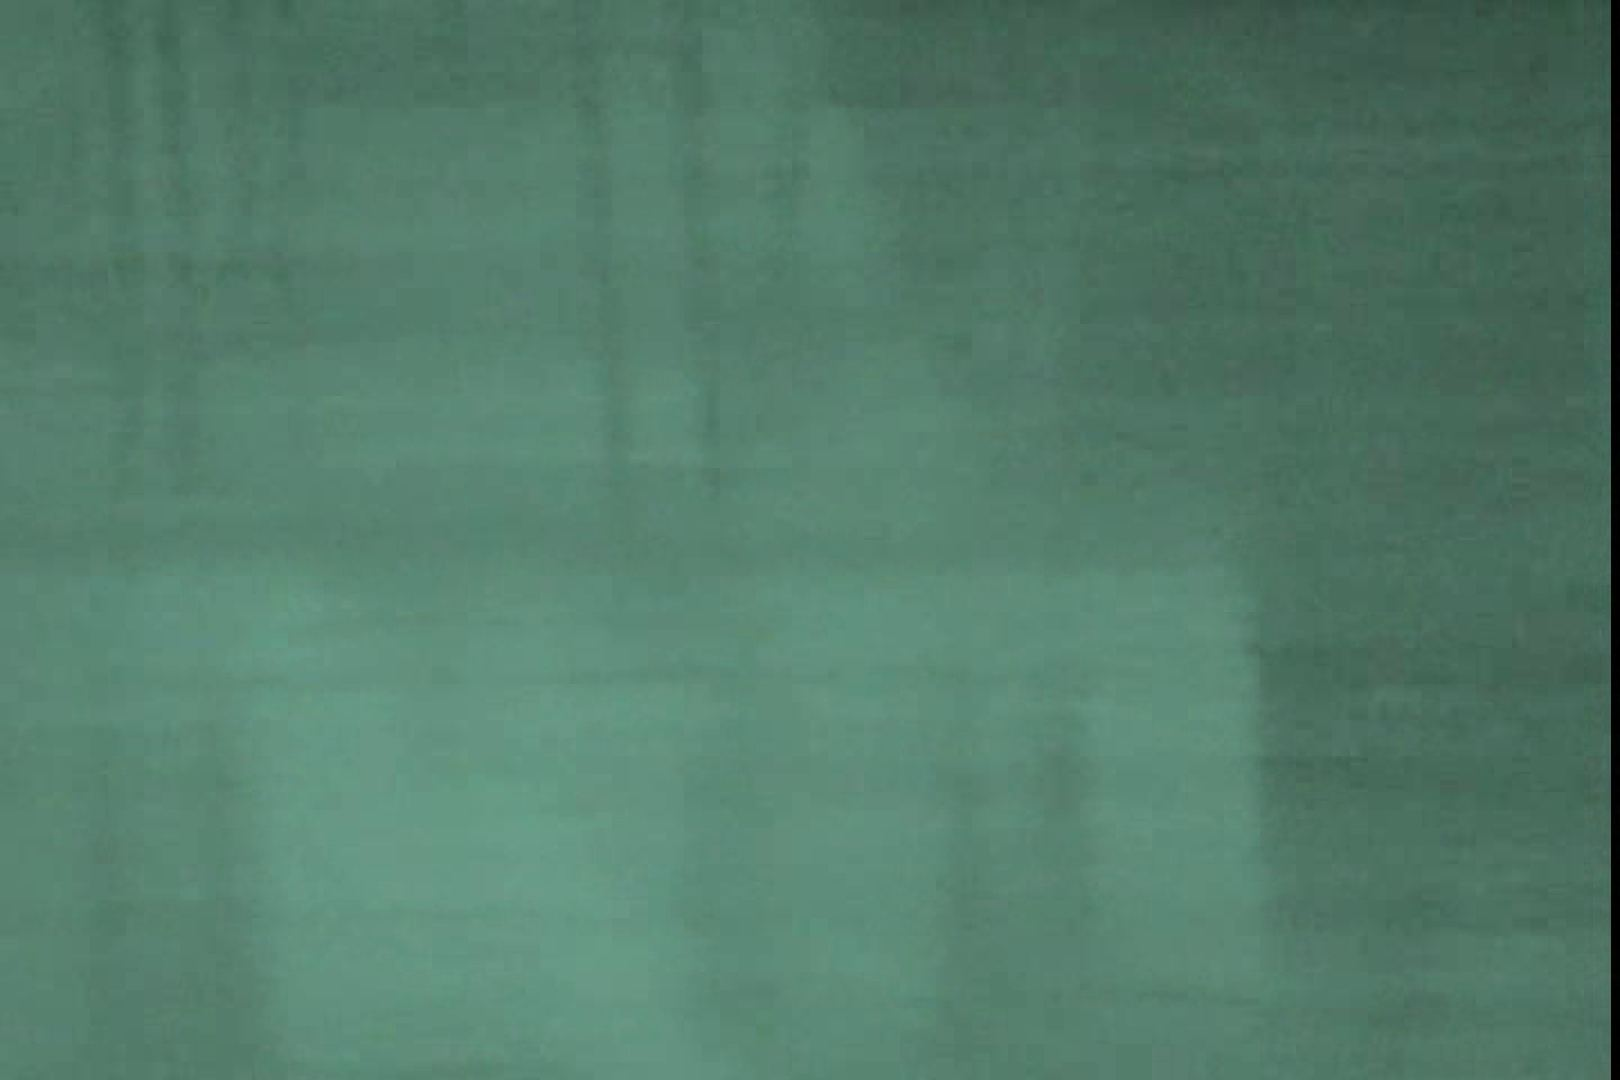 赤外線ムレスケバレー(汗) vol.04 アスリート | 赤外線  11枚 5